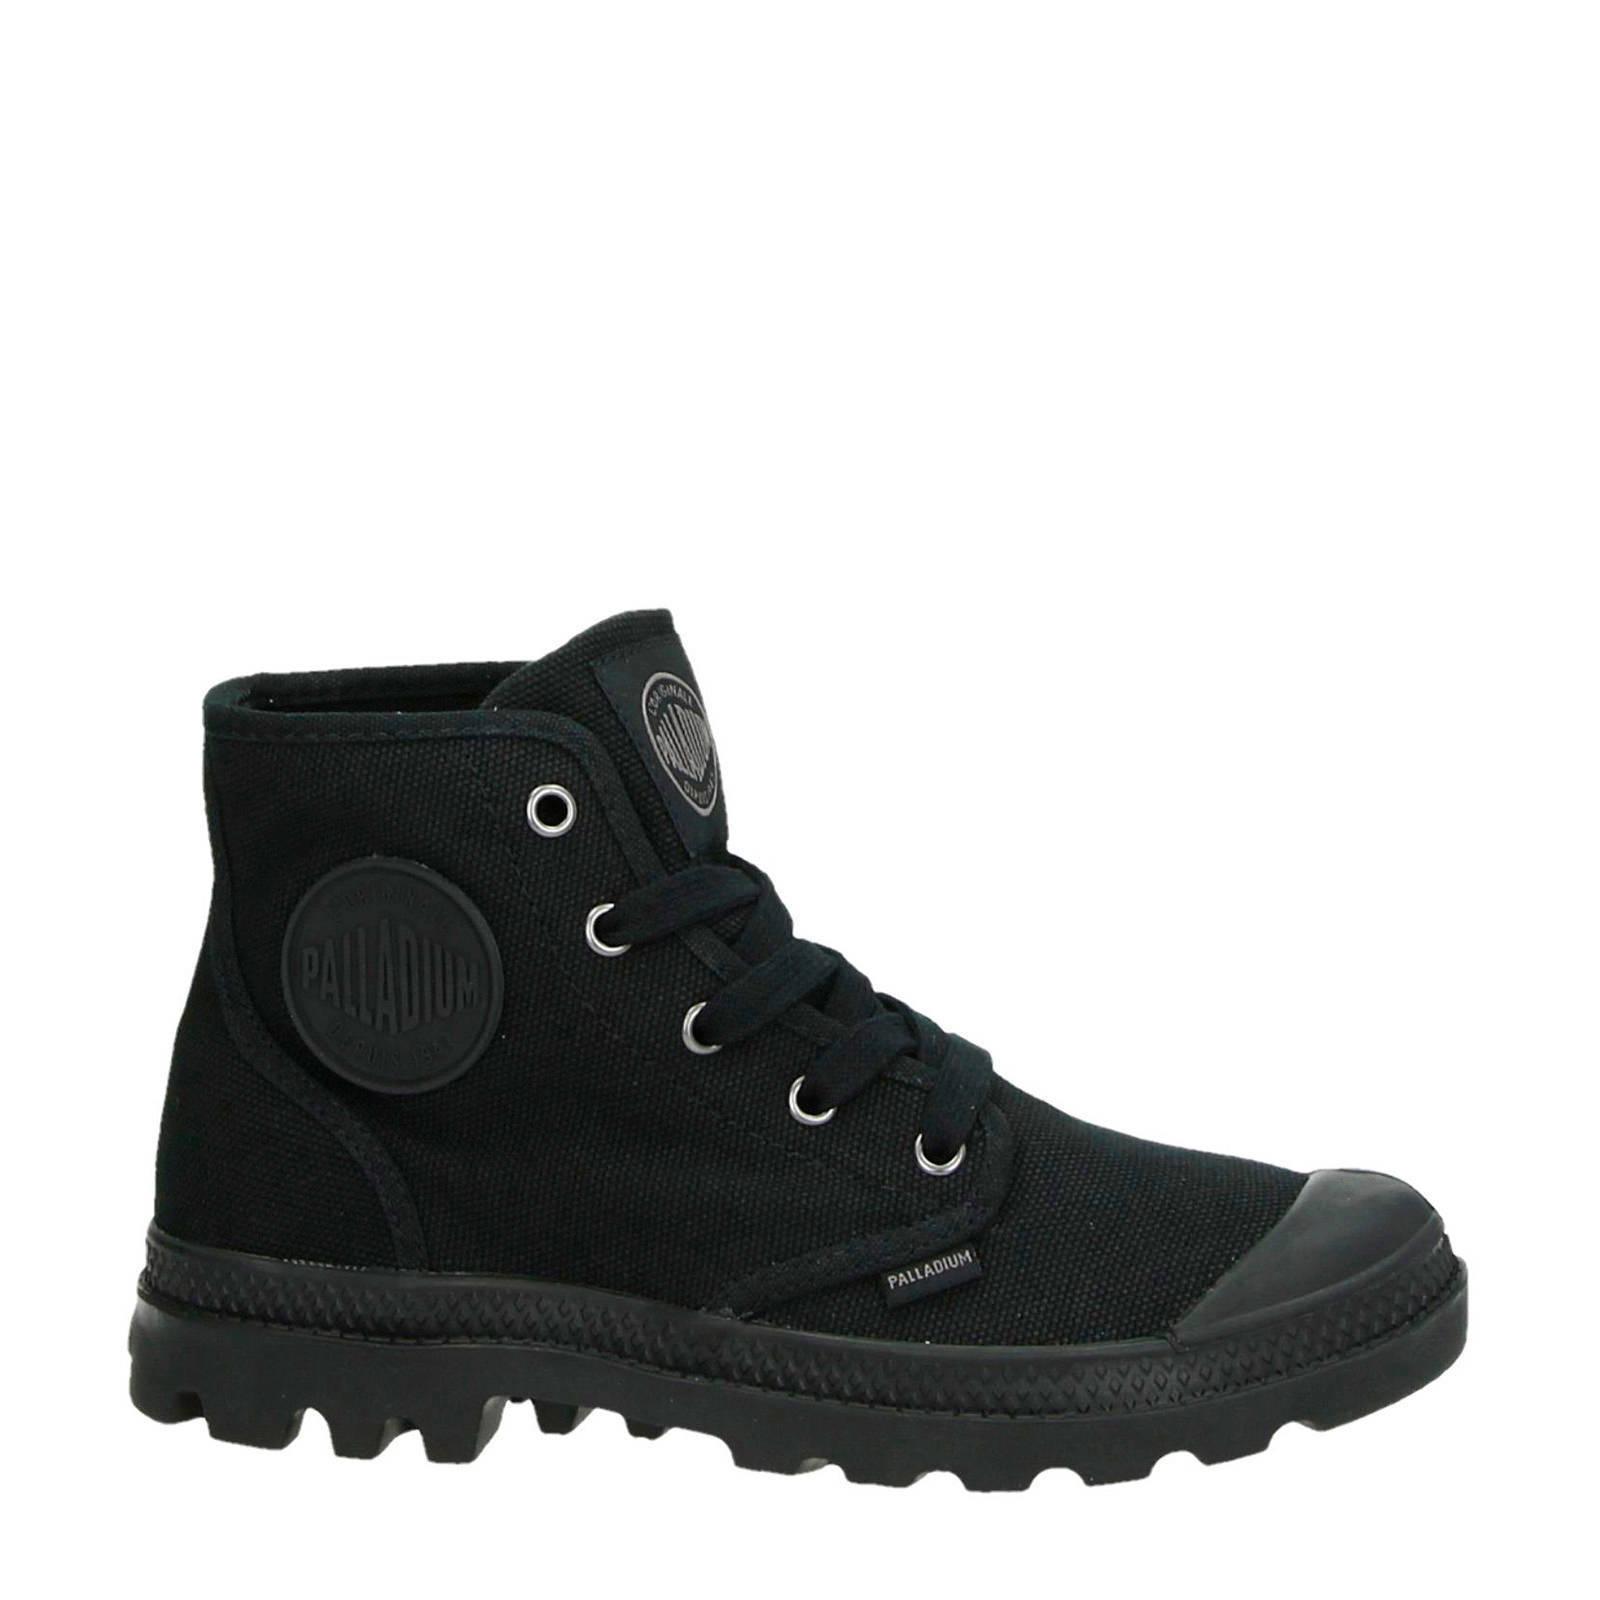 Chaussures De Palladium Avec Les Hommes Lacer sE0Qoq5r2